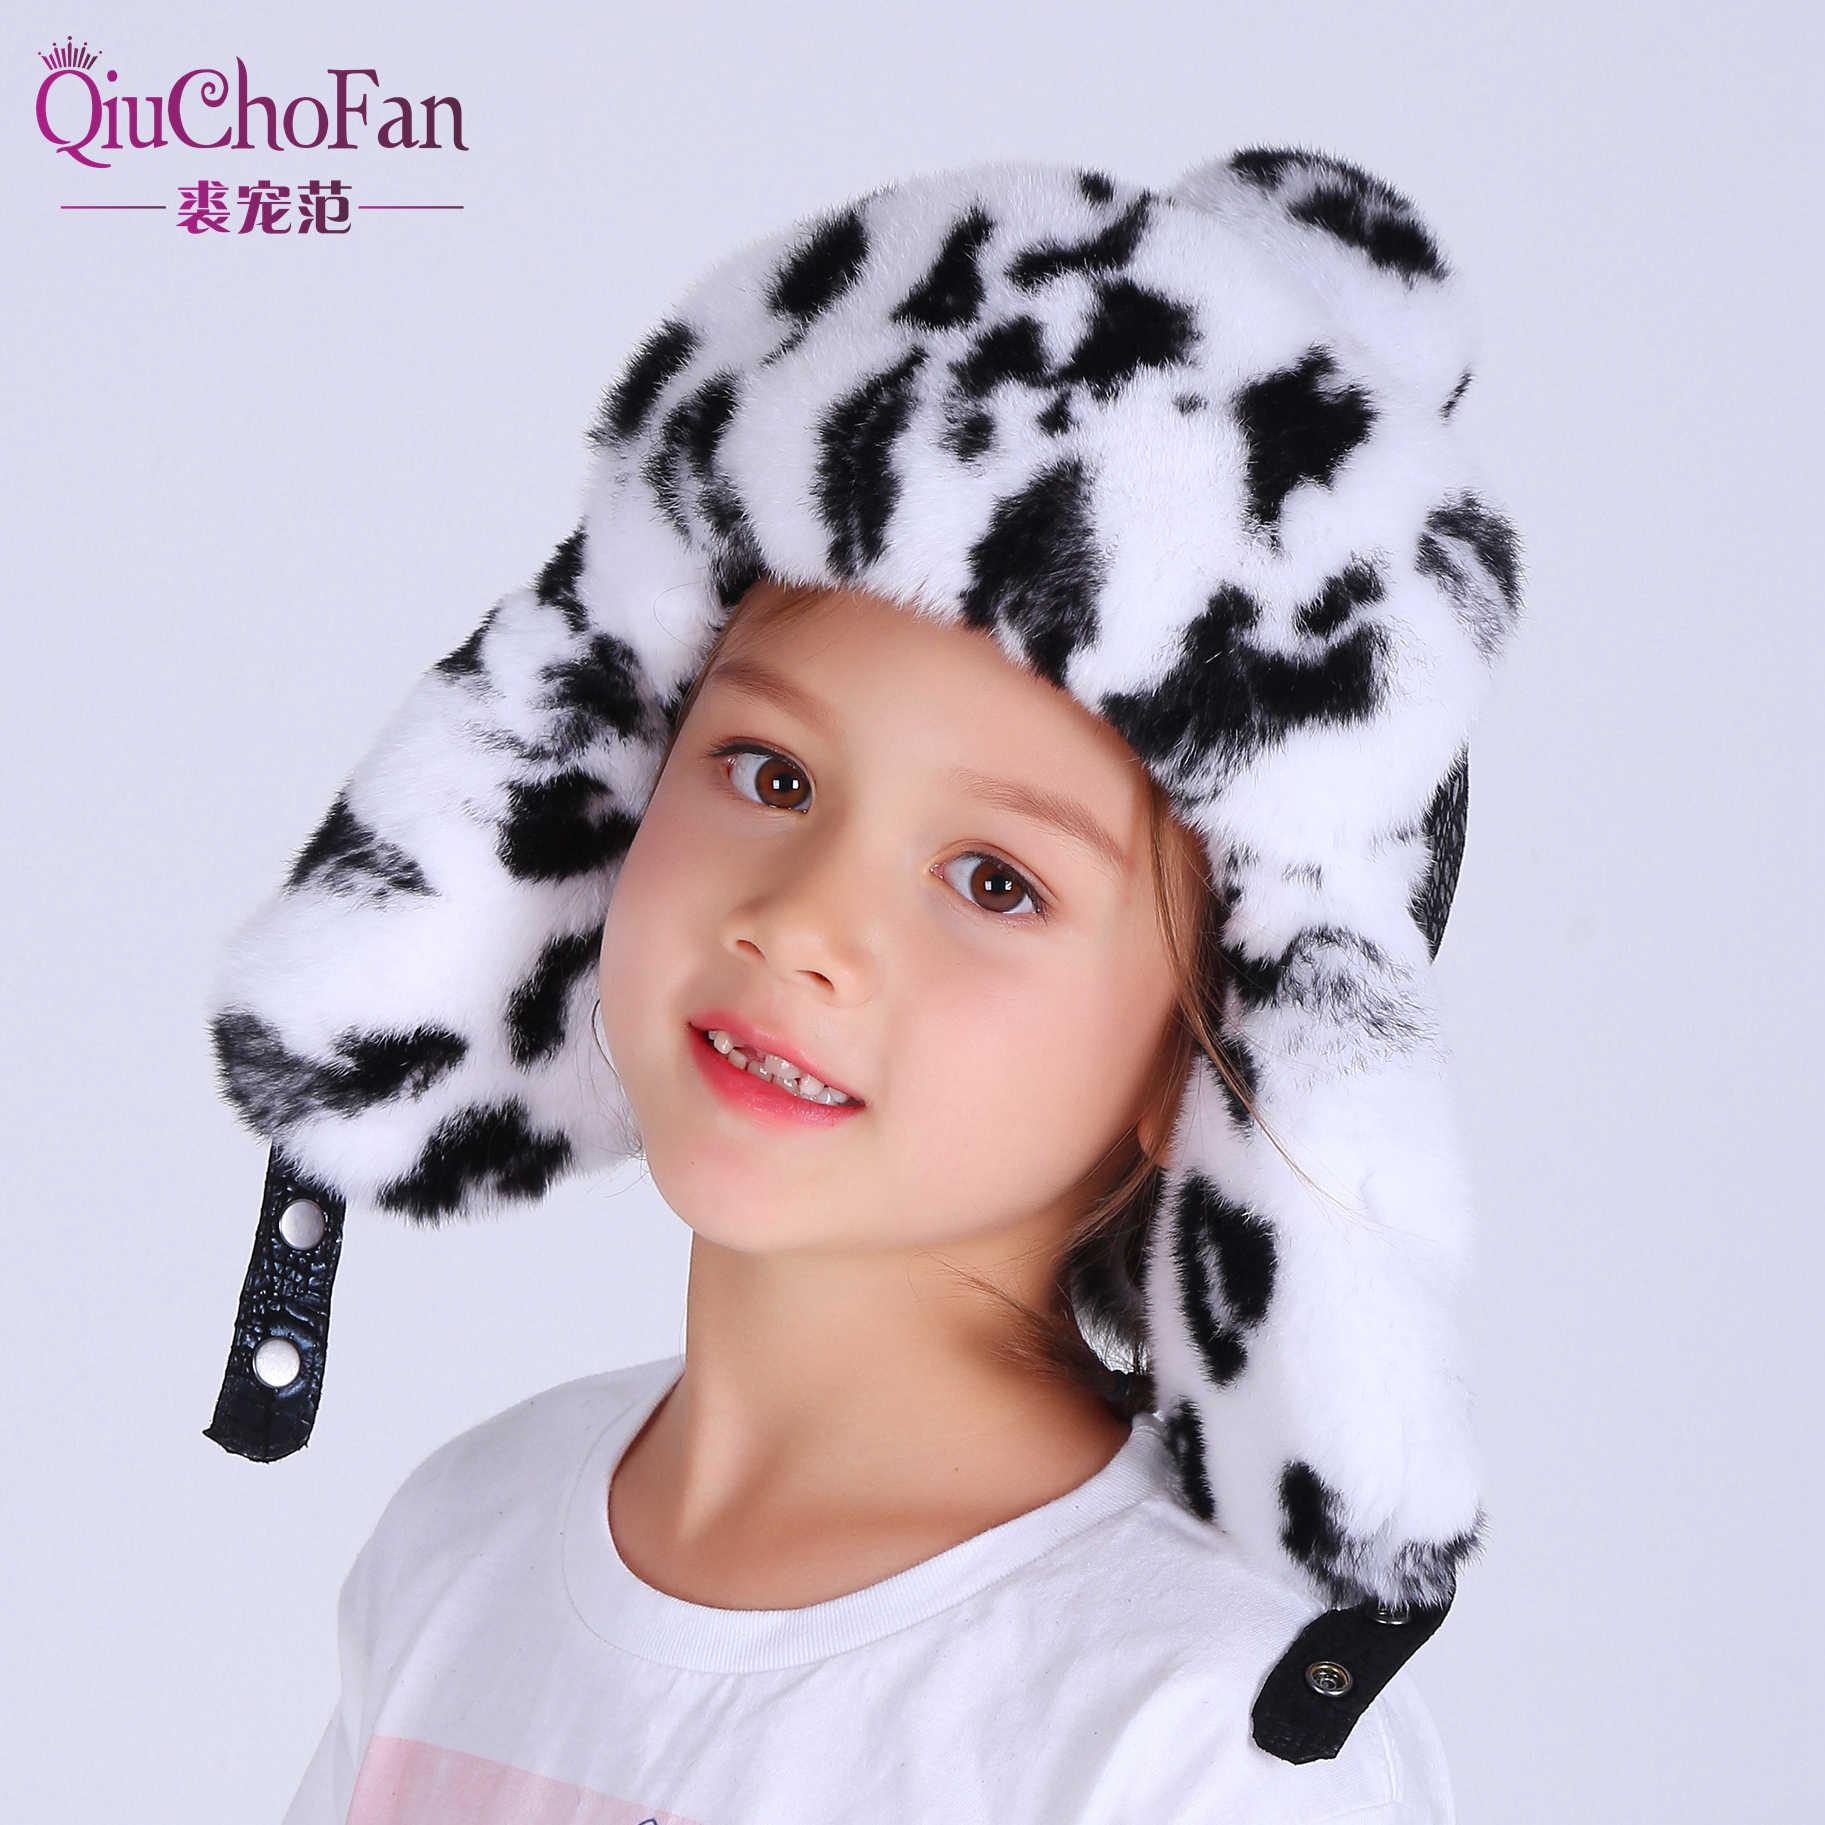 Musim Dingin Rusia Bulu Topi Anak Topi Hangat Lembut Real Rex Kelinci Bulu Anak Laki-laki Gadis Earmuffs Lei Feng Bayi Lucu Bulu bomber Hat Cap